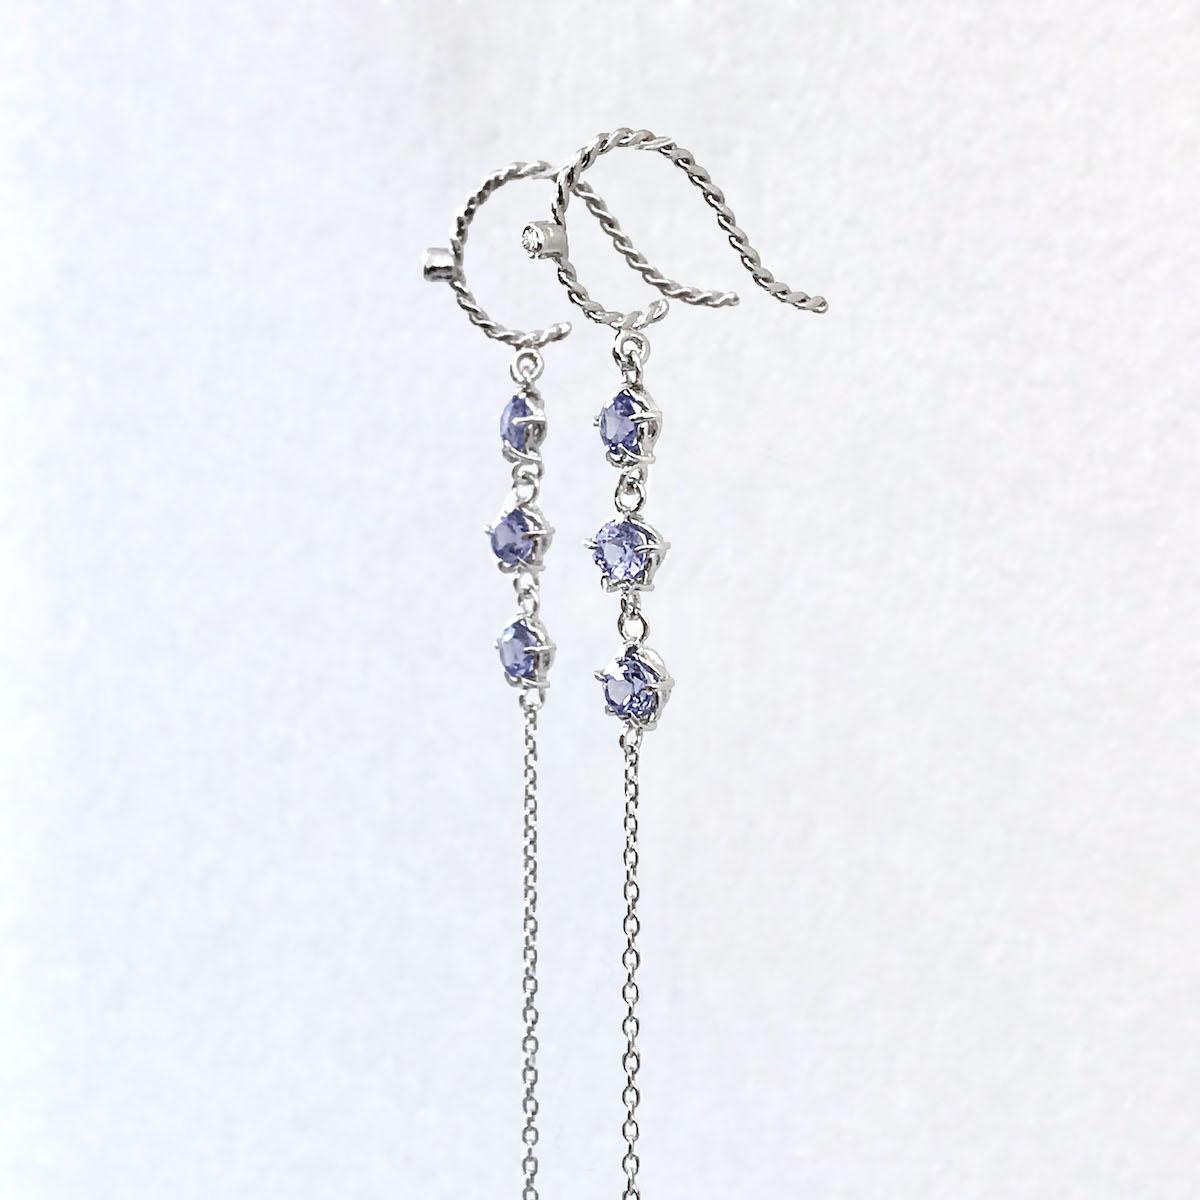 Trail-Lee-Tanzanite-Trio-Chain-Tassel-duster-Earrings-18k_5580